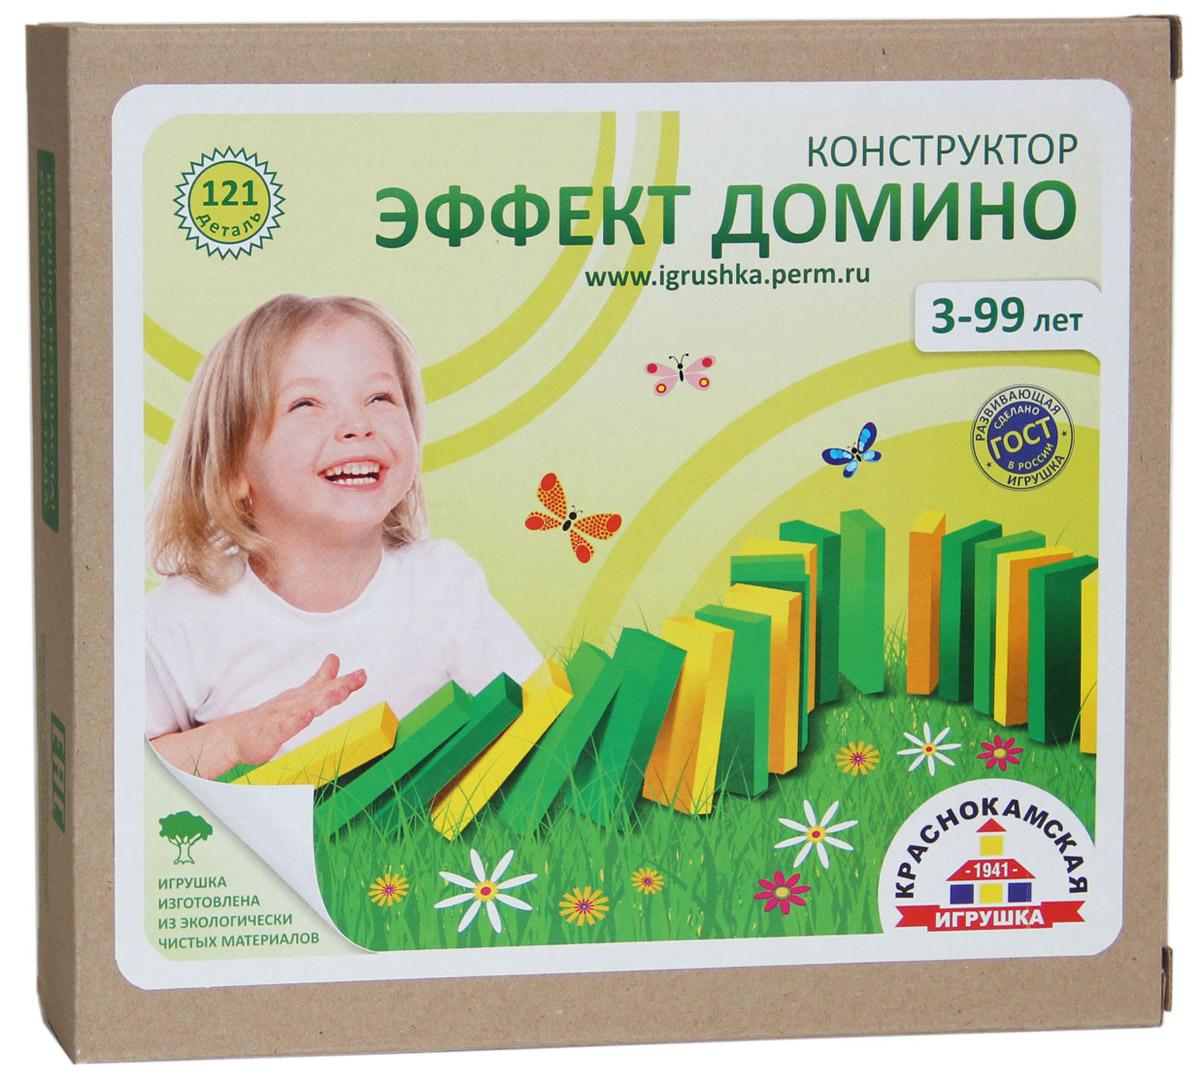 Краснокамская игрушка Деревянный конструктор Эффект домино краснокамская игрушка краснокамская игрушка конструктор эффект домино